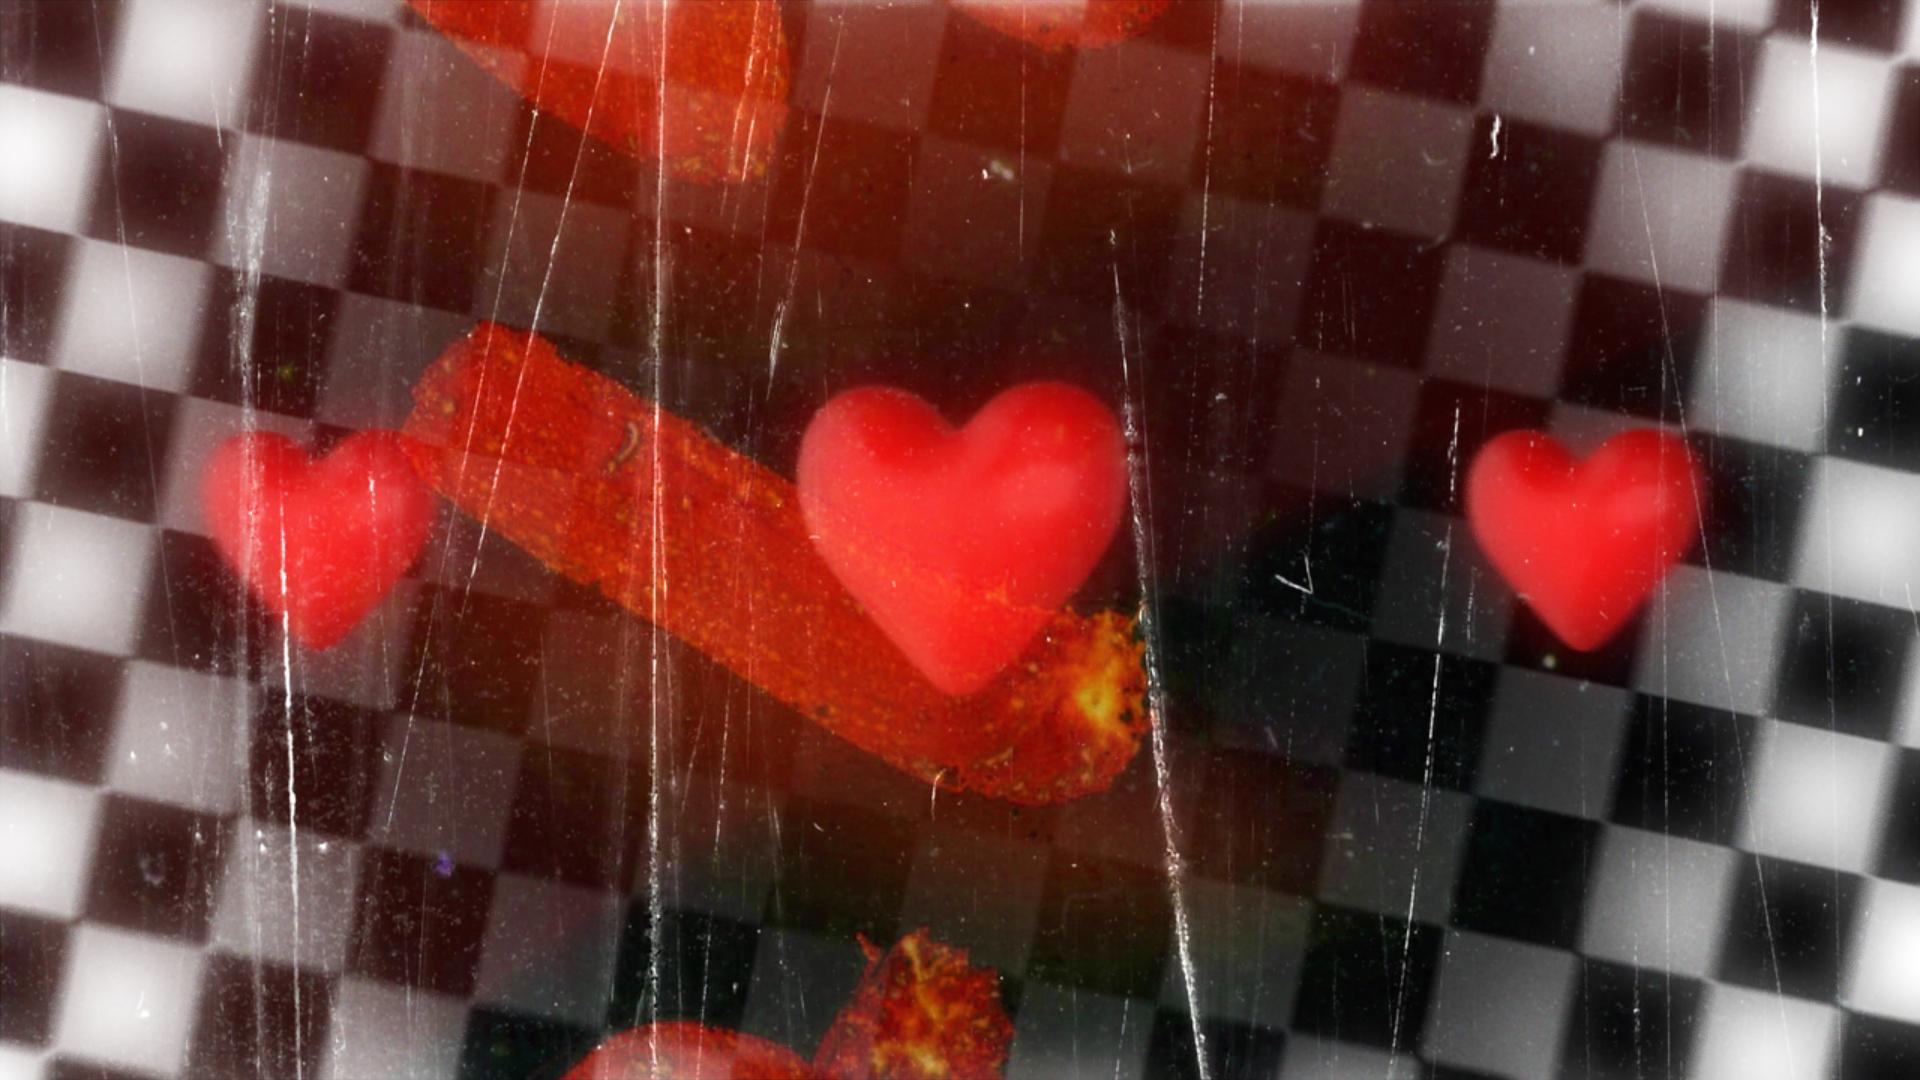 SeeingSounds_LoveWon'tLetMeDown_Loop7_1920x1080.jpg